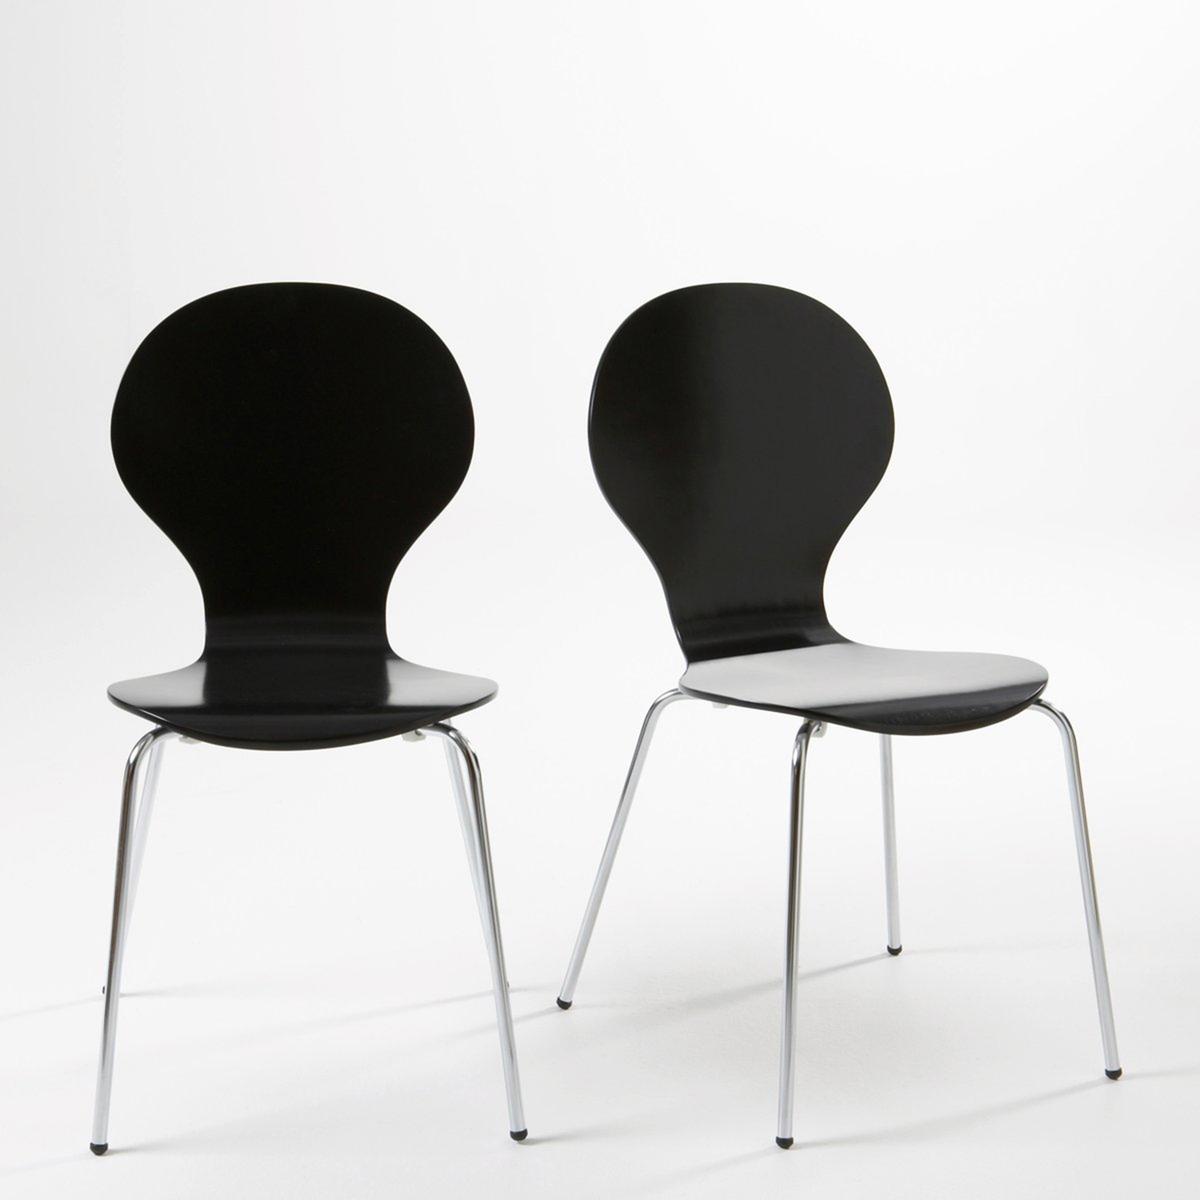 2 стула с выгнутыми спинками Janik2 стула с выгнутыми спинками Janik  . Выгнутый стул Janik изящной округлой формы и невероятно удобный   .Описание стульев Janik :Округлая выгнутая форма  Можно ставить друг на друга.Продаются по 2 шт одного цвета Характеристики стульев Janik :Корпус из мультиплекса гельвеи с НЦ-лакировкой (толщина 11 мм) .Ножки из стальной хромированной трубы (диаметр 16 мм).Найдите коллекцию Janik на сайте laredoute.ruКачество :Качество Valeur S?re за производство и детальную отделку изделий  .Размеры стульев Janik :Ширина : 49 см   Высота : 80 смГлубина : 46 смРазмеры и вес упаковки :1 упаковка70 x 47 x 30 см - 10,6 кг Доставка :Стулья Janik продаются готовыми к сборке  . Доставка до квартиры !Внимание ! Убедитесь, что товар возможно доставить на дом, учитывая его габариты (проходит в двери, по лестницам, в лифты).<br><br>Цвет: светло-серый,черный<br>Размер: единый размер.единый размер